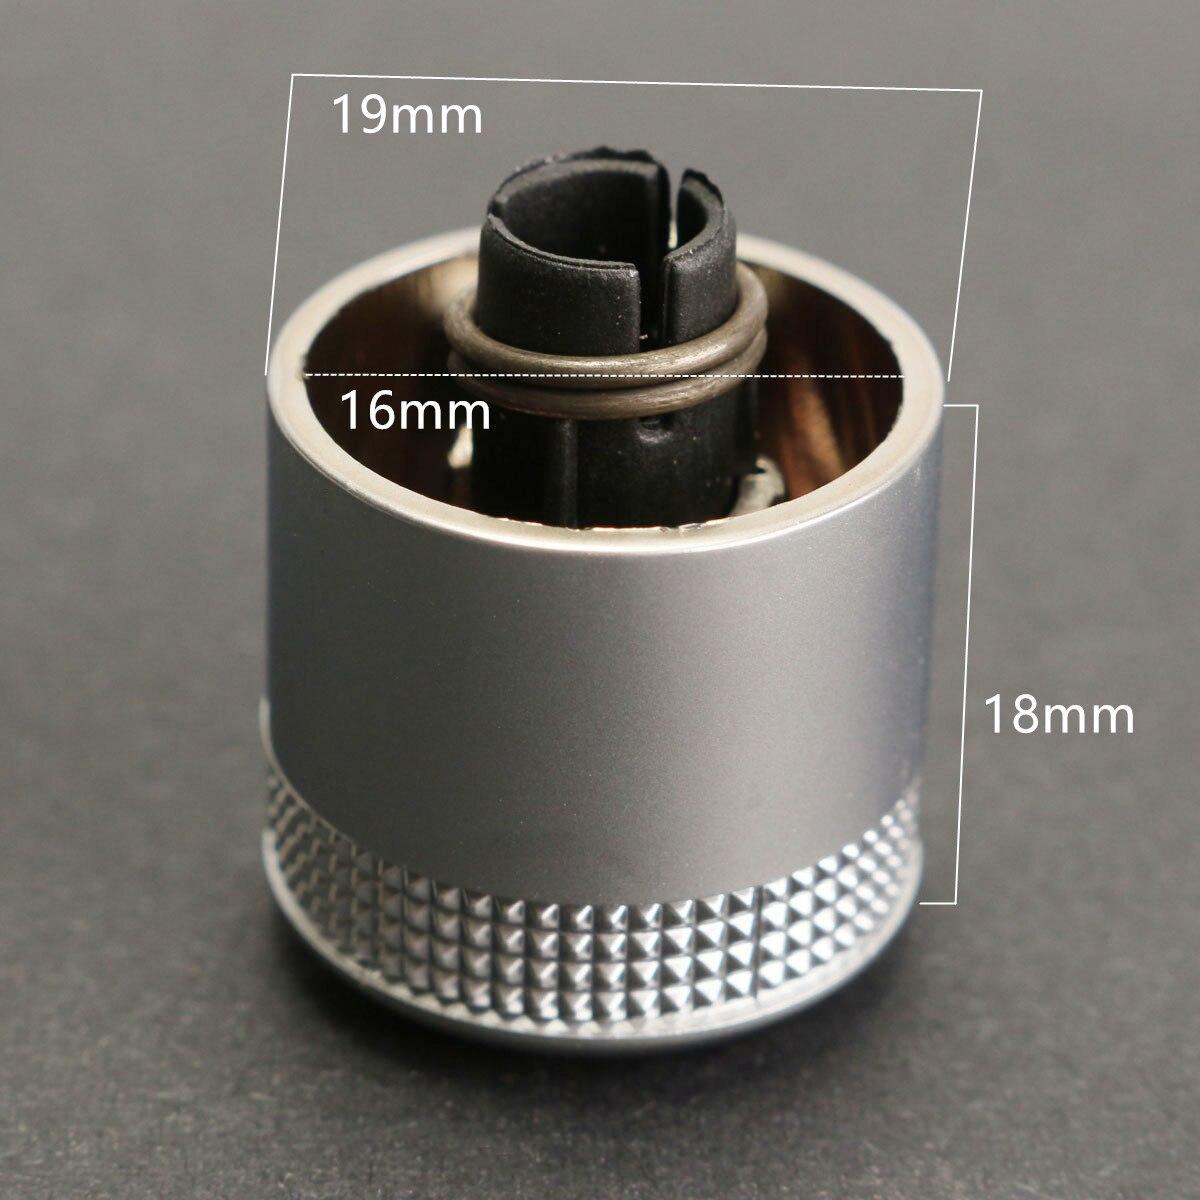 новый мультимедийный мми регулятор громкости поворотный переключатель настройки для Ауди a6l С6 В7 С6 С8 4f0919070